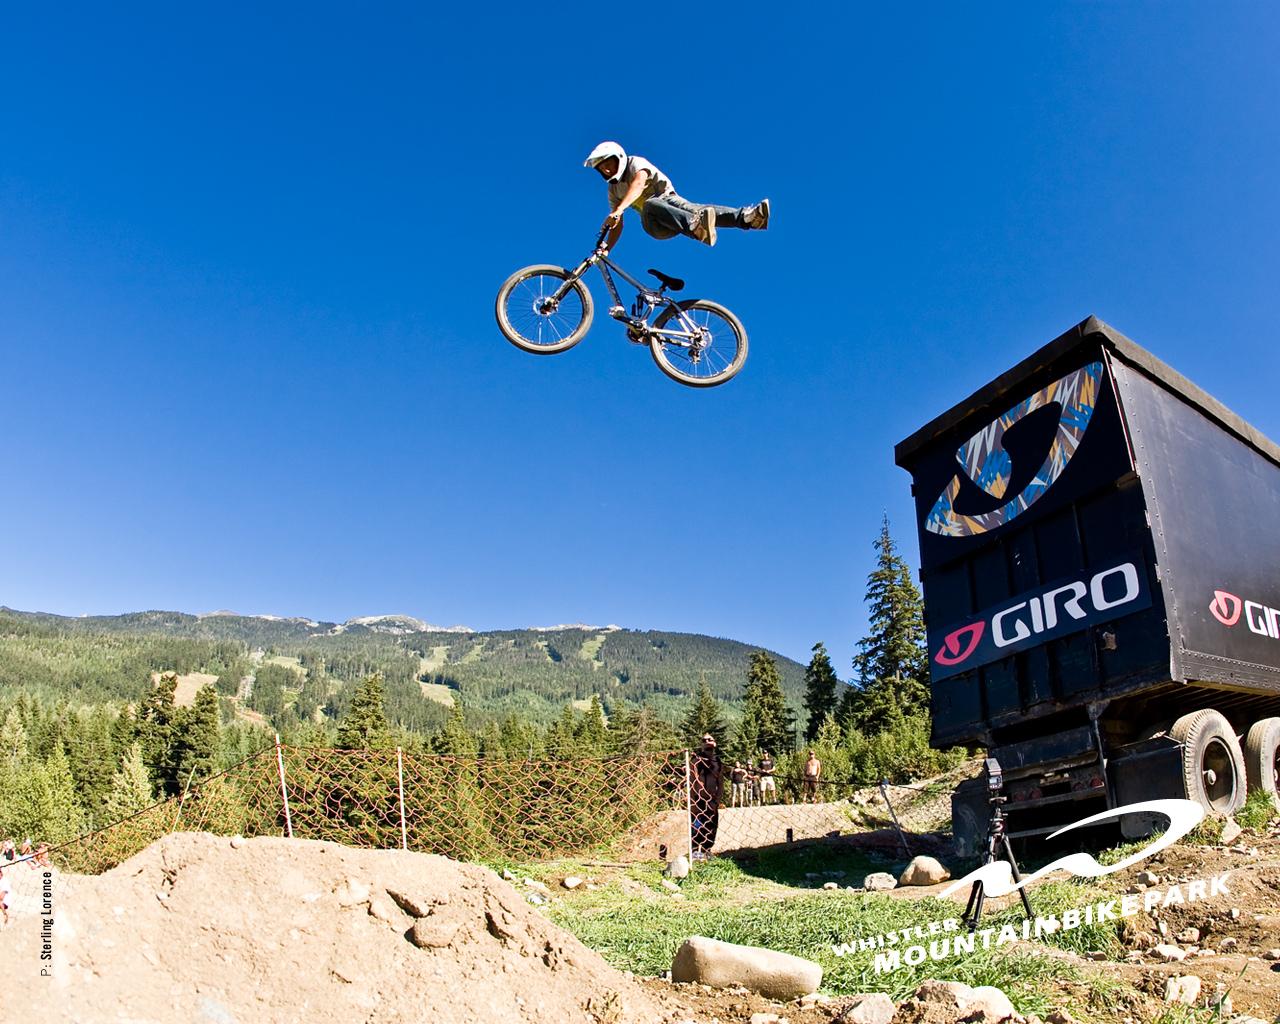 Sport / Whistler Mountain Bike Park #685